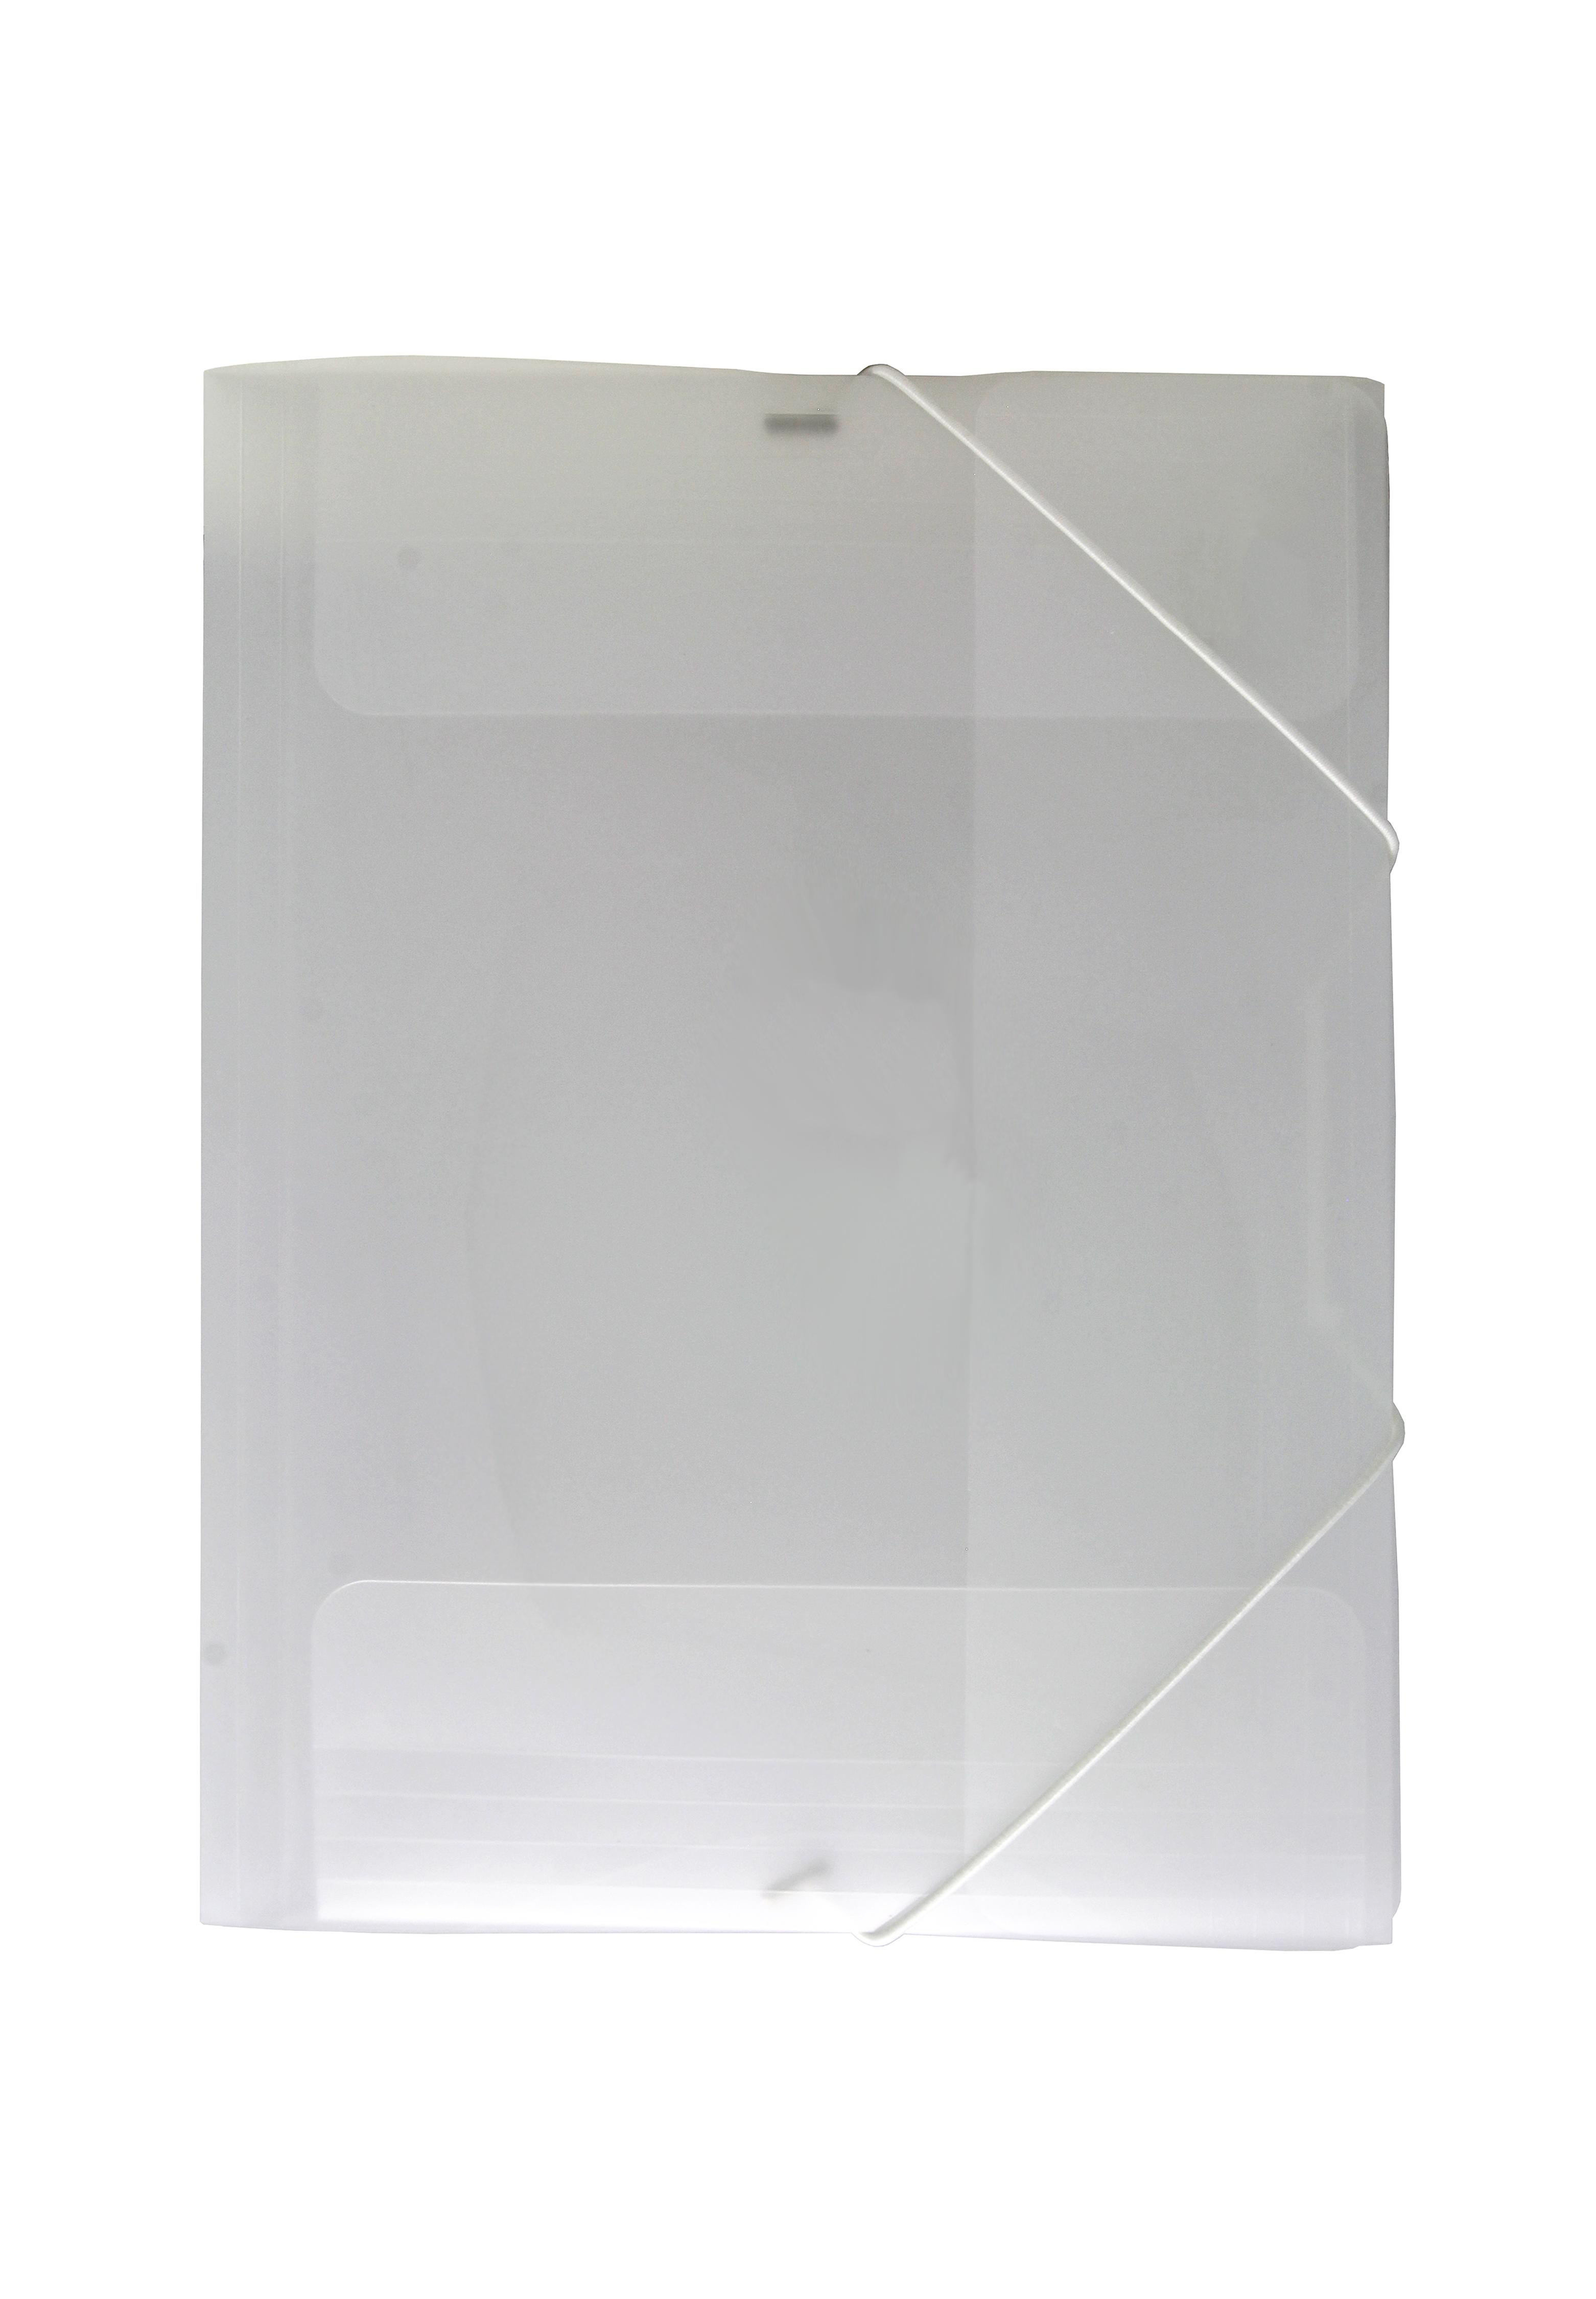 Image of   3-klap elastikmappe A4 transp. klar